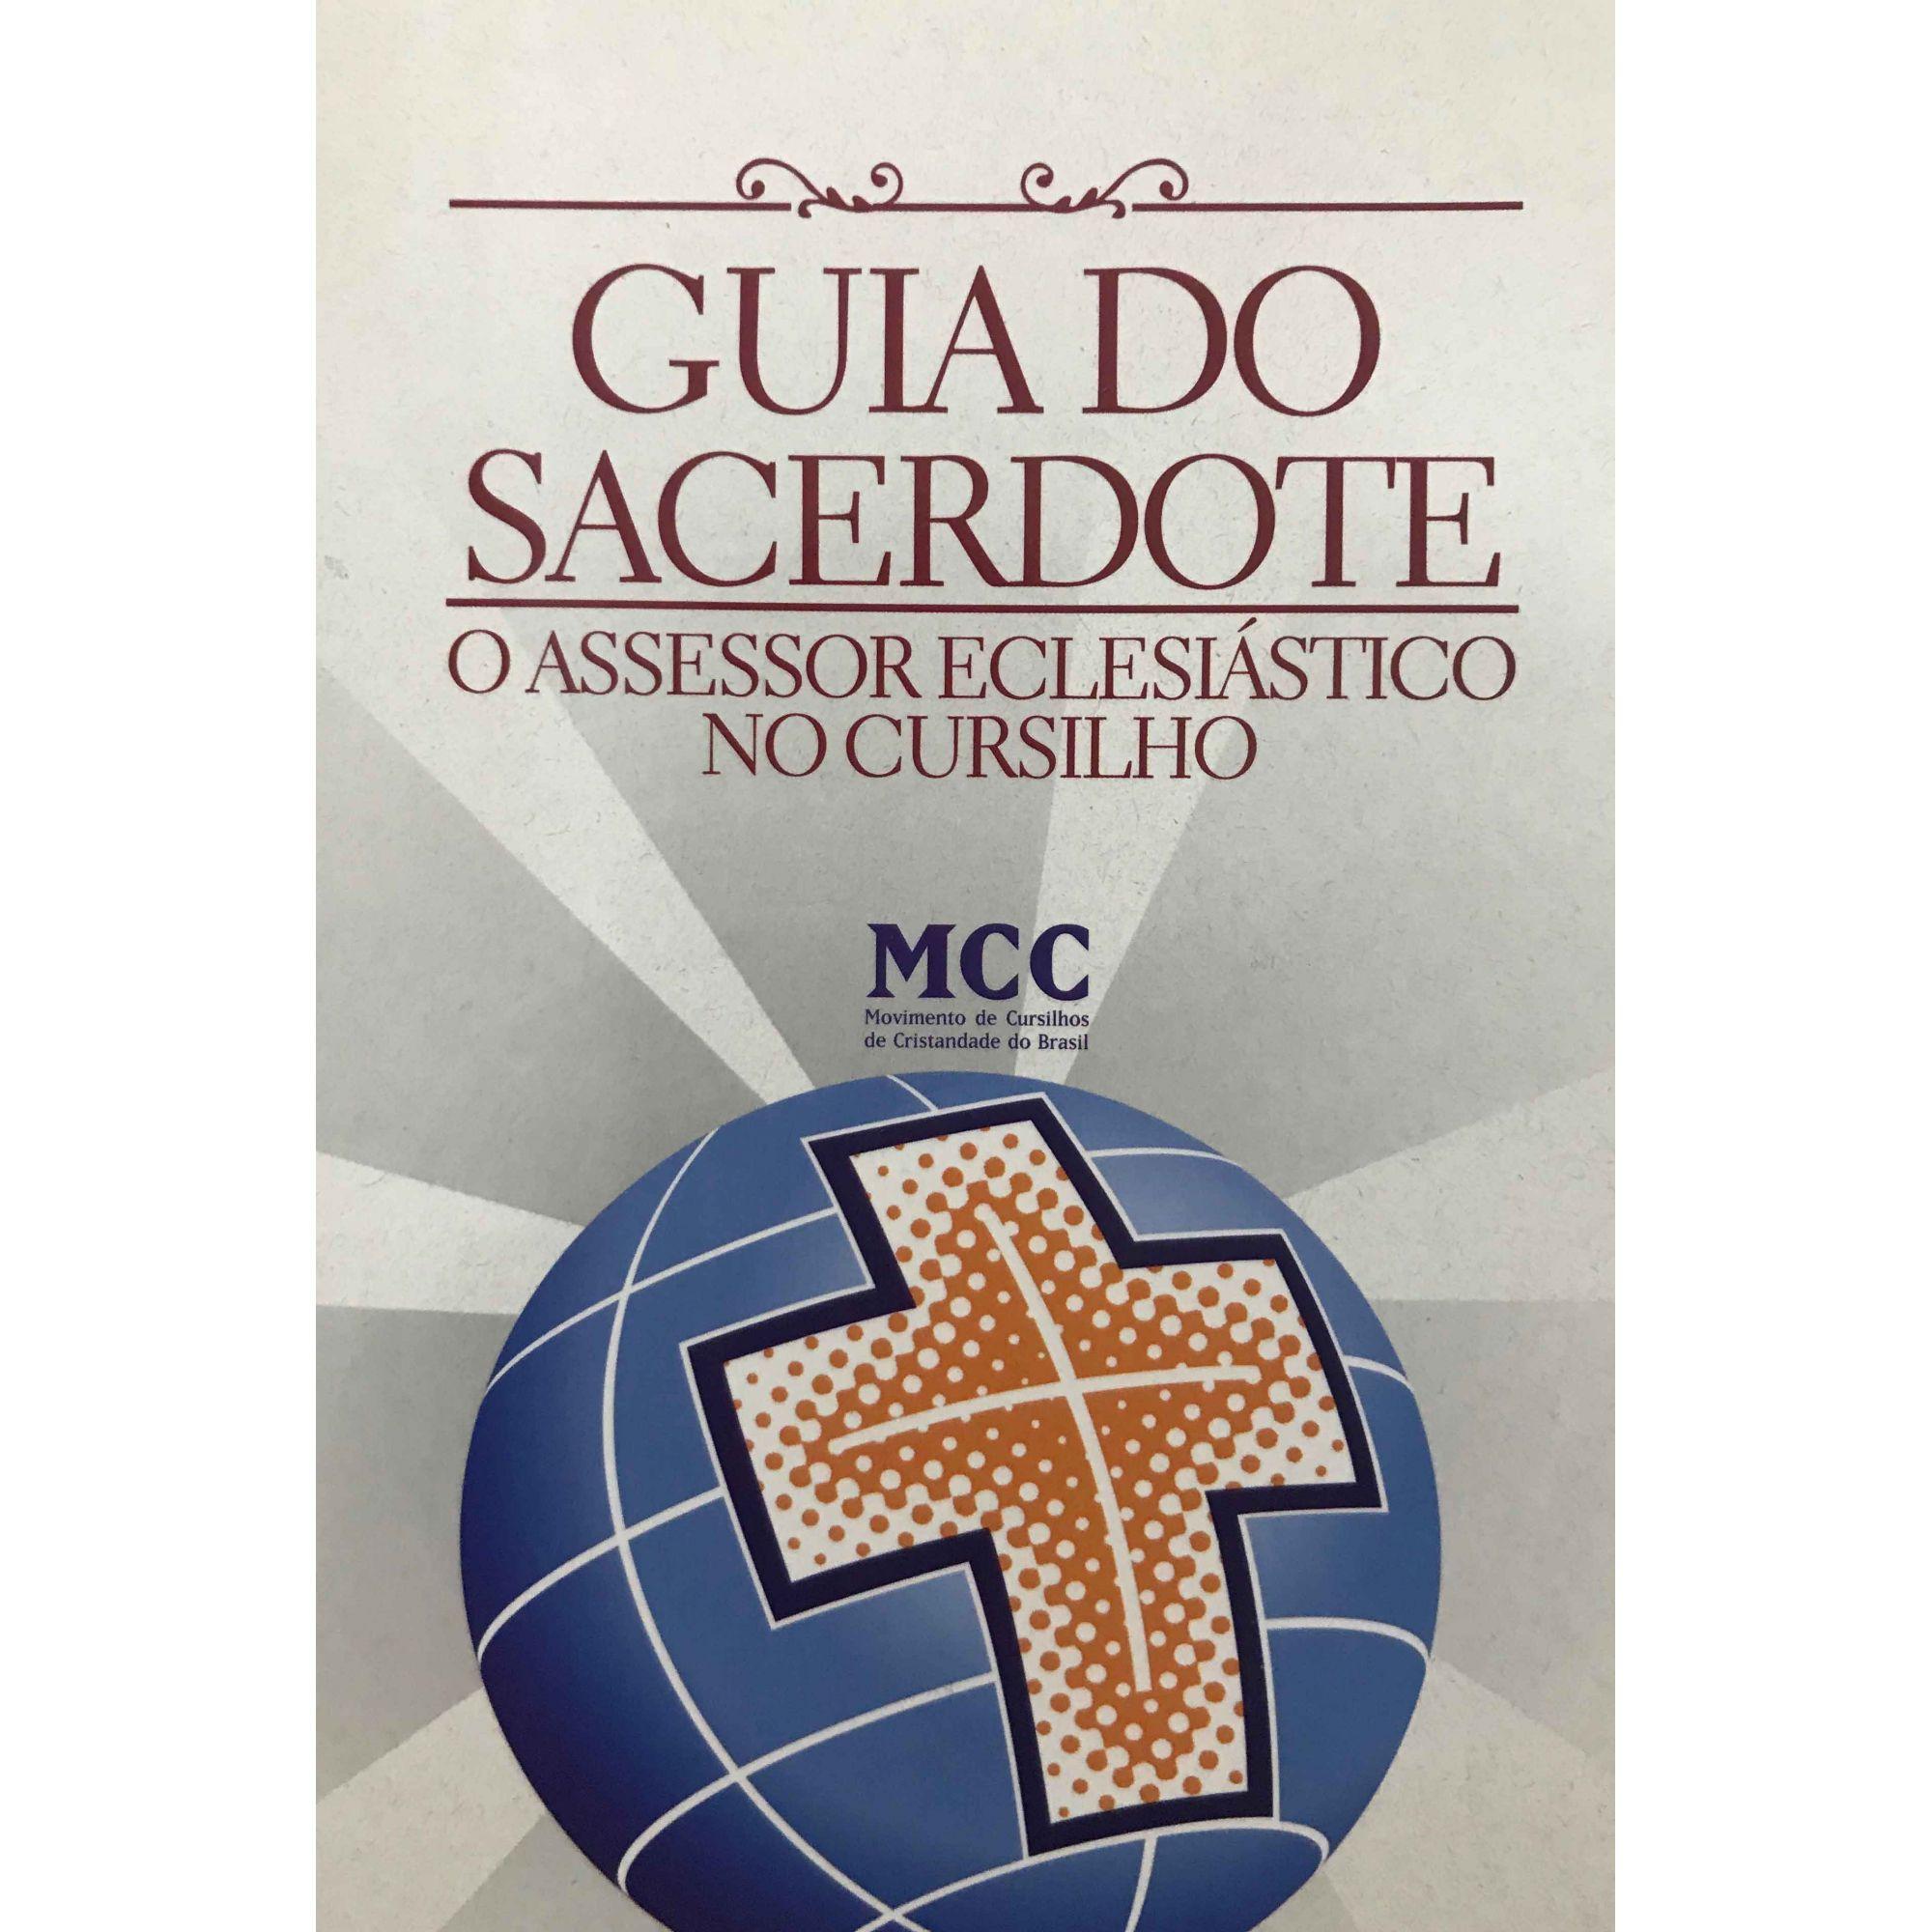 Guia do Sacerdote - O Assessor Eclesiástico no Cursilho